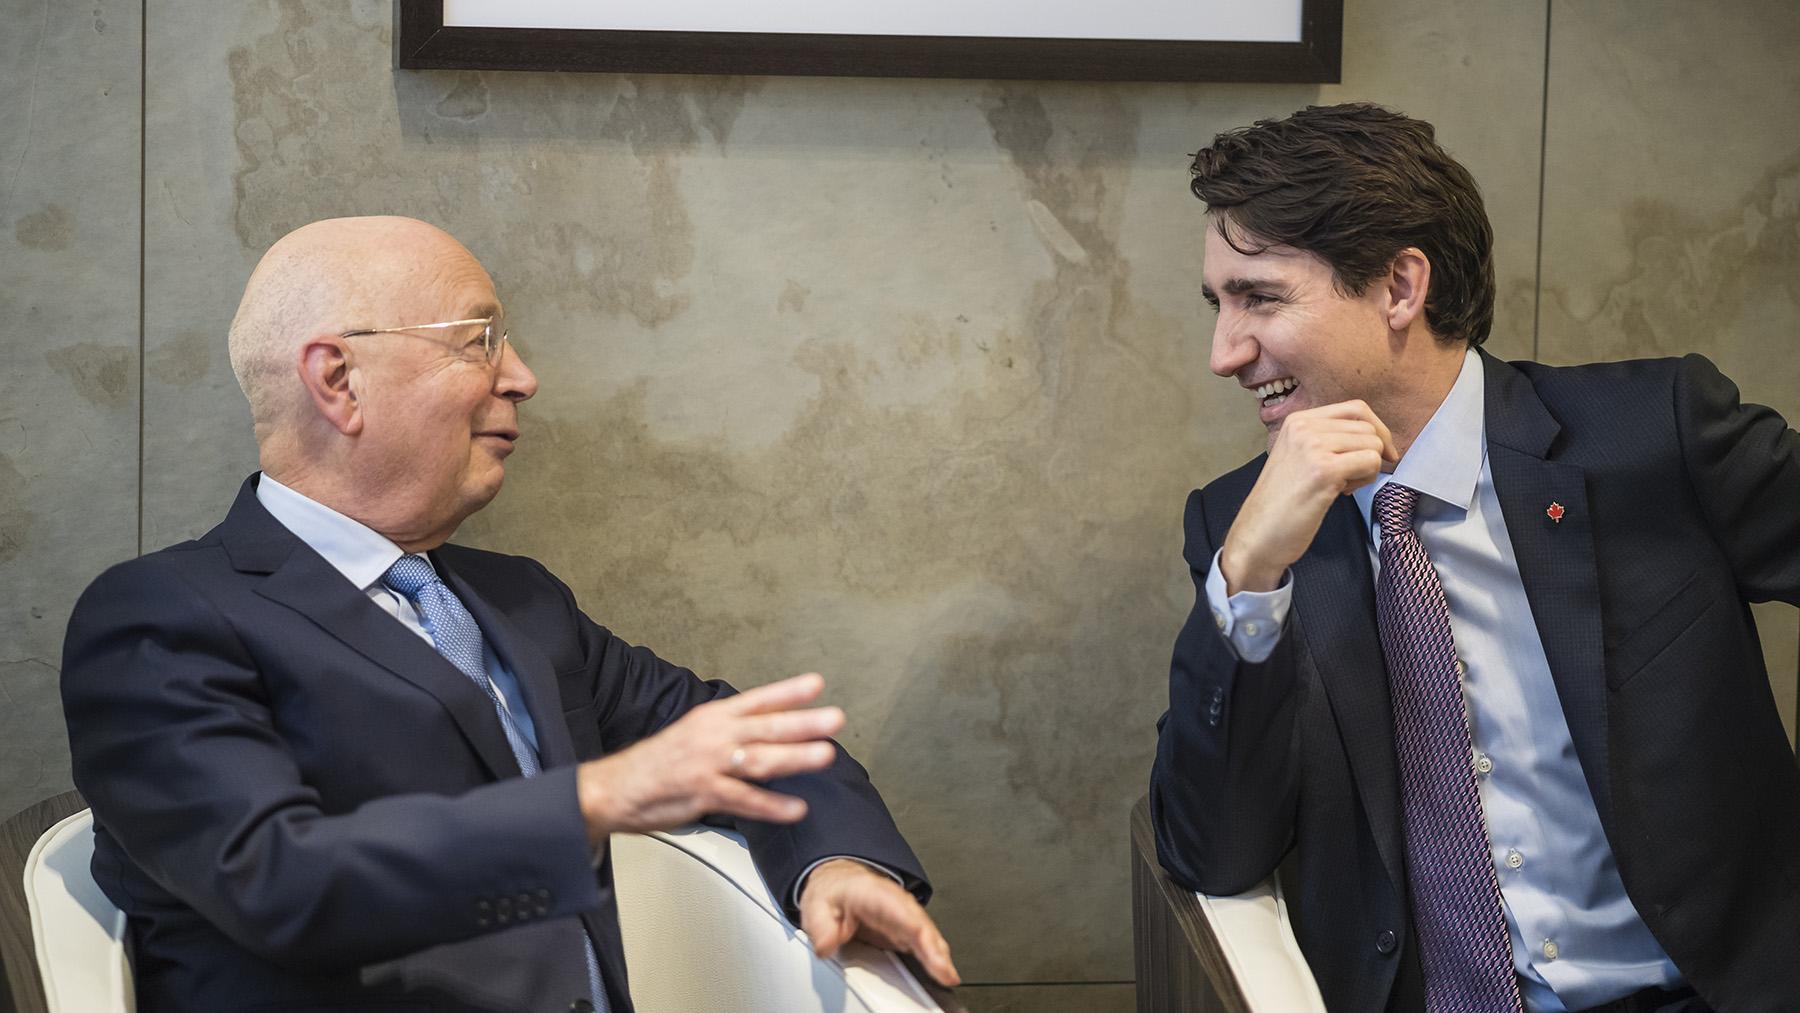 Prof. Klaus Schwab im Gespräch mit dem Premierminister Kanadas, Justin Trudeau